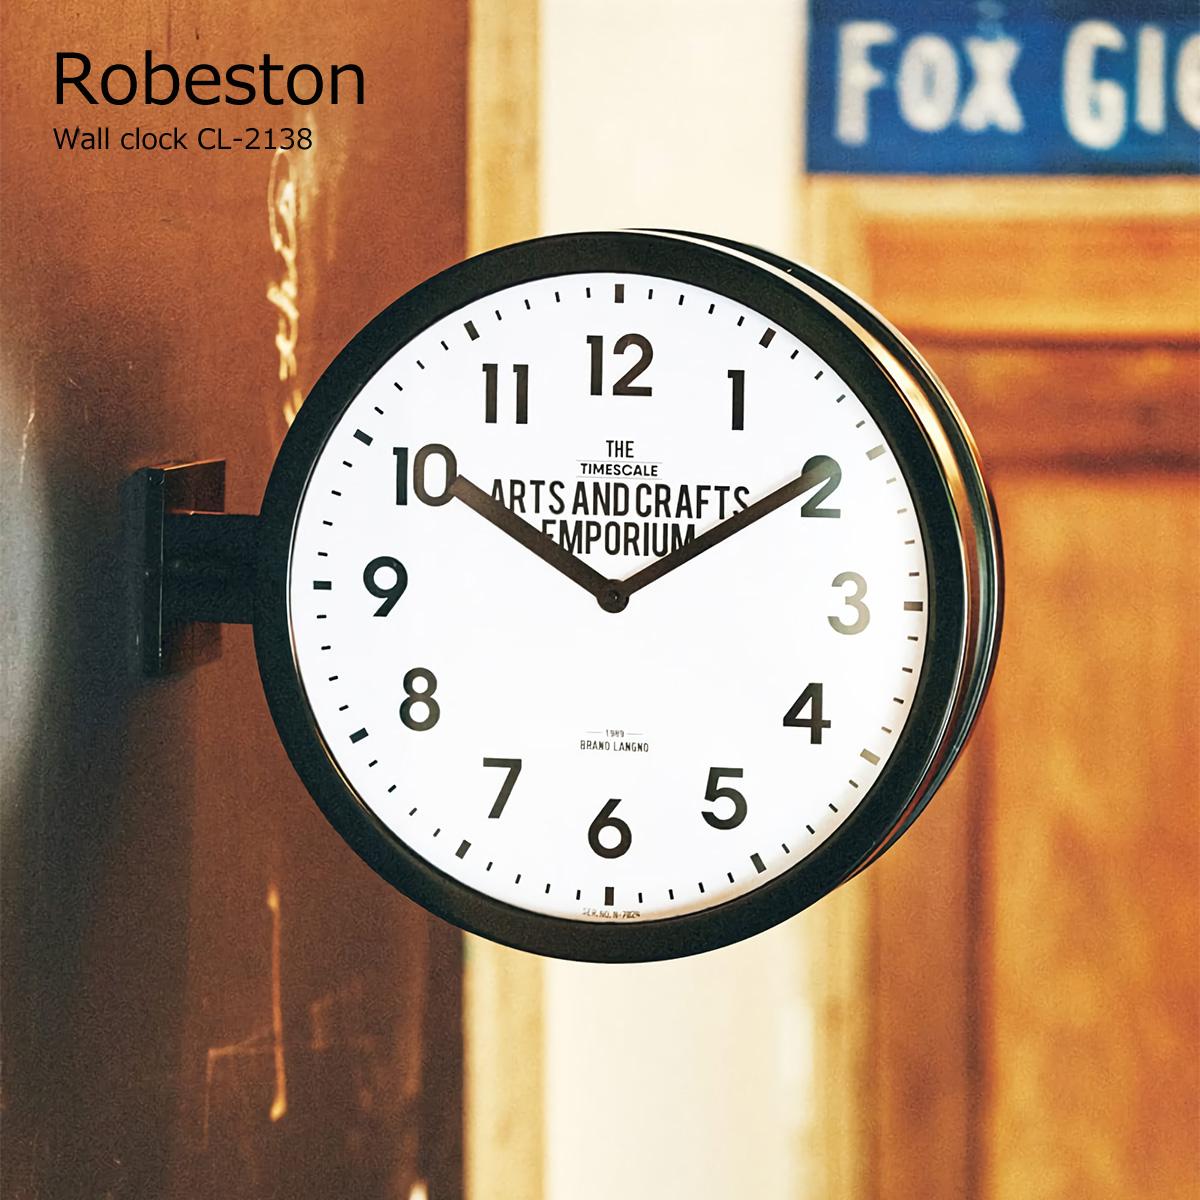 両面時計 アナログ オシャレ 壁掛け時計 オーバーのアイテム取扱☆ おしゃれ 時計 壁掛け 北欧 掛け時計 Robeston 公式ショップ ロベストン シンプル ウォールクロック あす楽 デザイナーズ 着後レビューでクーポン インテリア 音がしない 静音 PUP01 CL-2138 見やすい